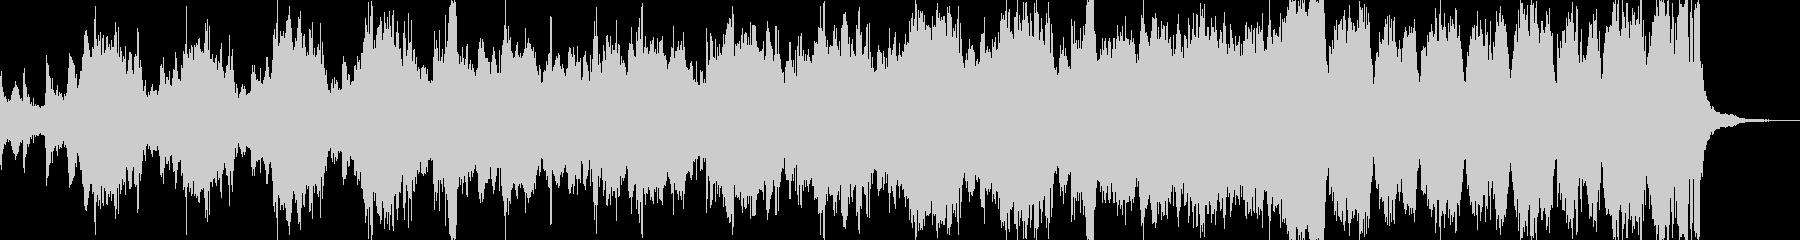 力強い幕開けを表現するオーケストラ曲の未再生の波形